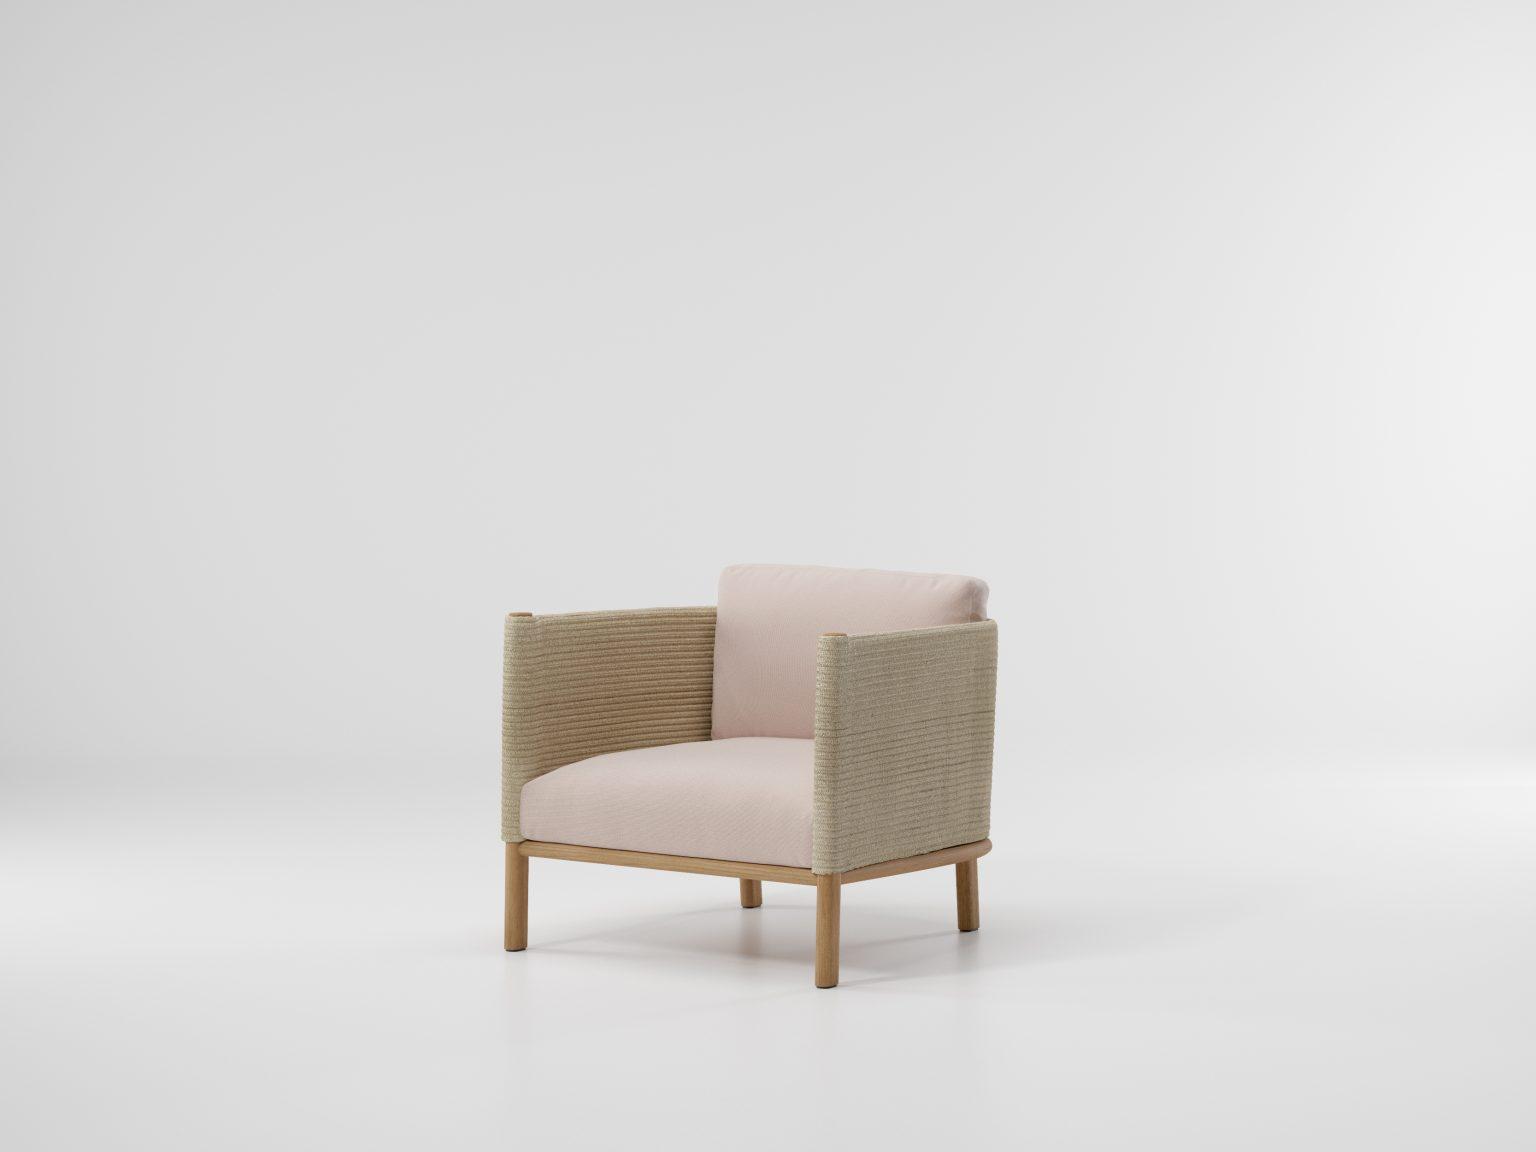 Biennale Interieur - Belgium's leading design and interior event - Kmnt_gro_001_club-armchair-copia.jpg